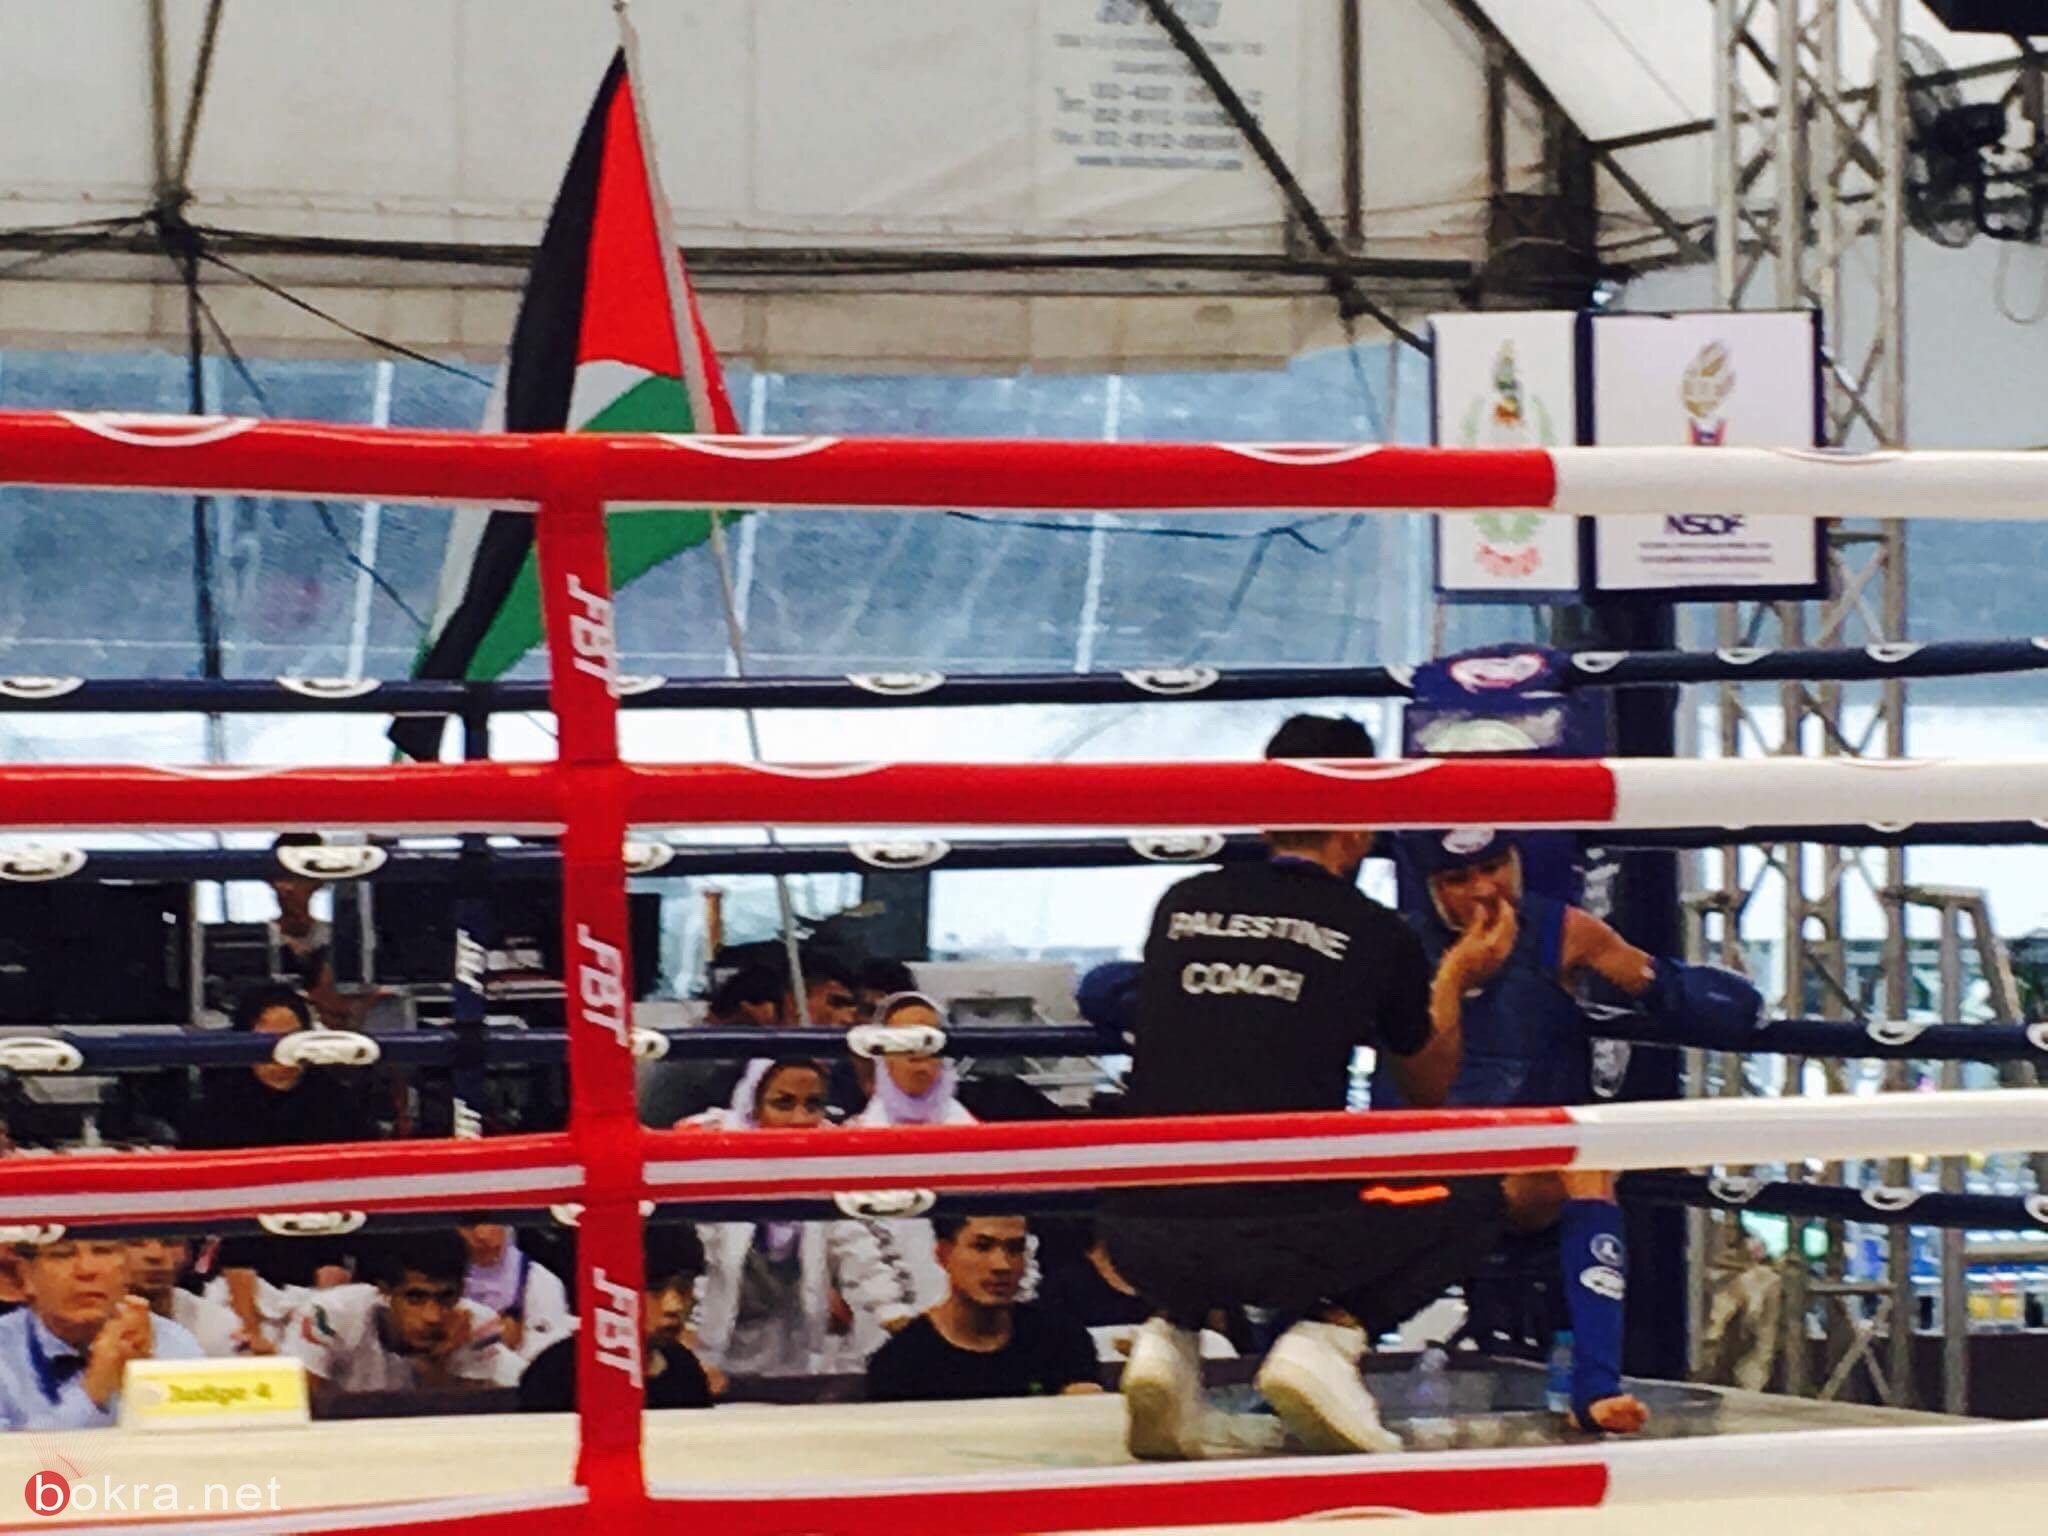 ملاكم فلسطيني ينسحب من المنافسة لعدم مواجهة خصمه الاسرائيلي